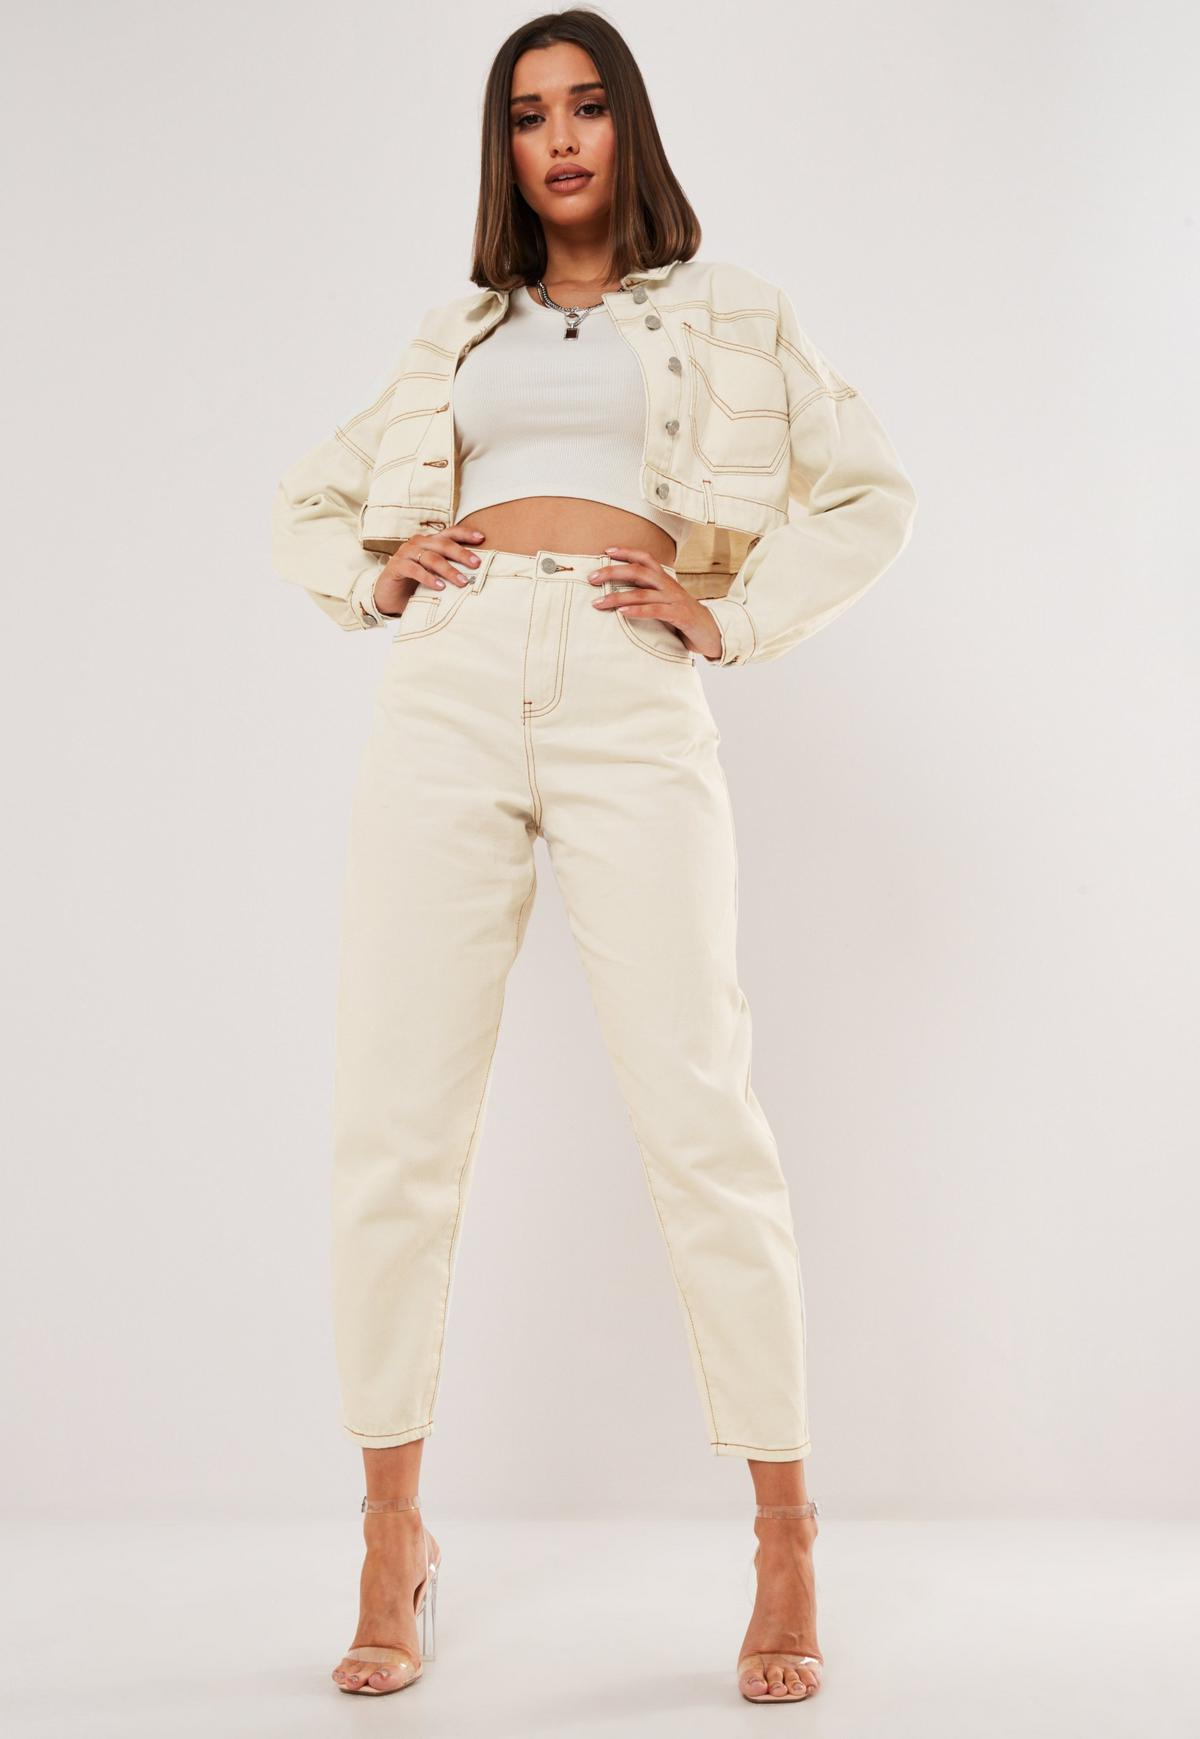 Kremowa krótka kurtka jeansowa z kontrastowymi przeszyciami – dostępna w zestawie